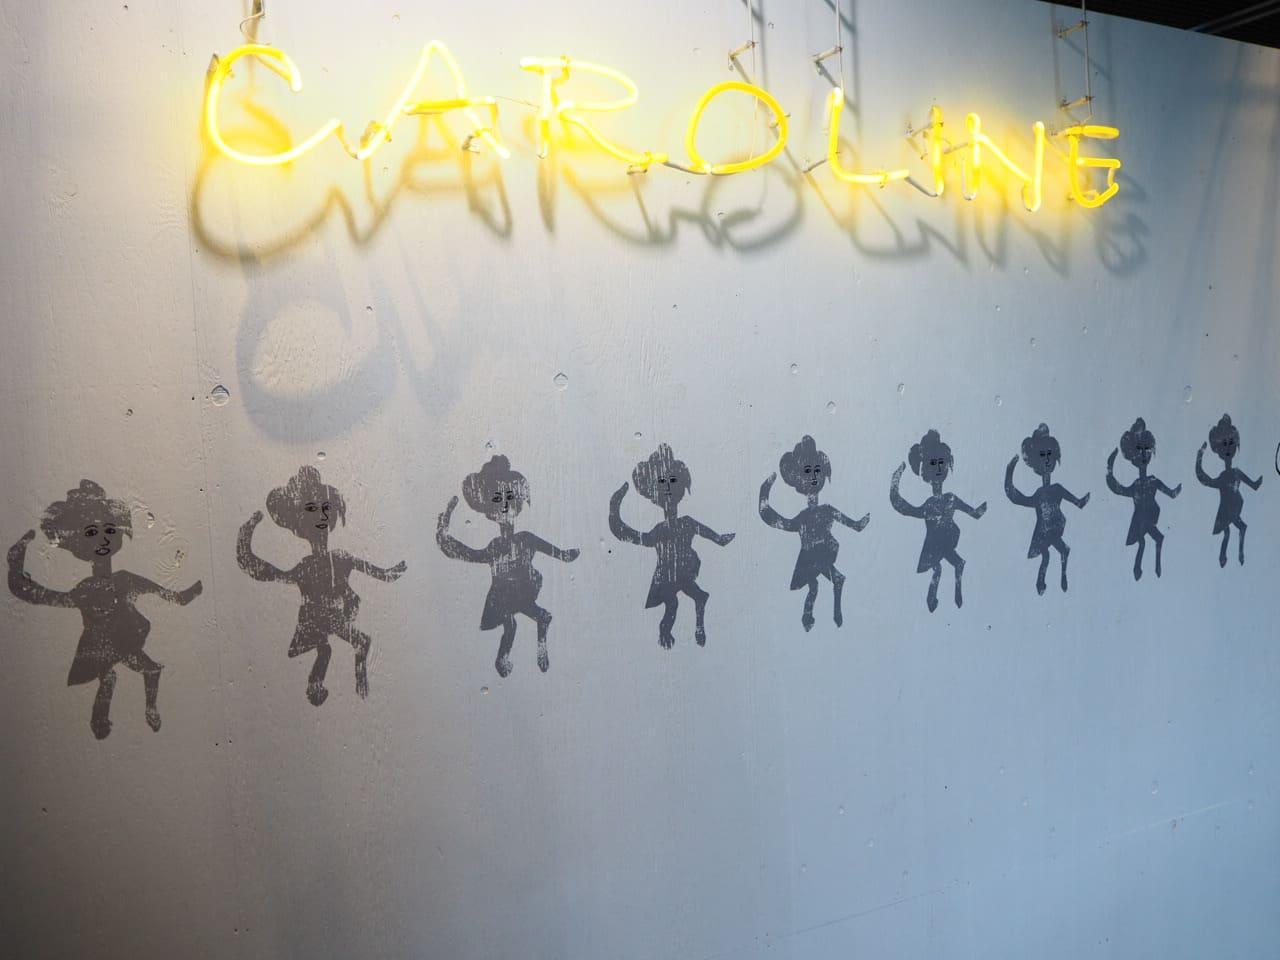 キャロラインの壁